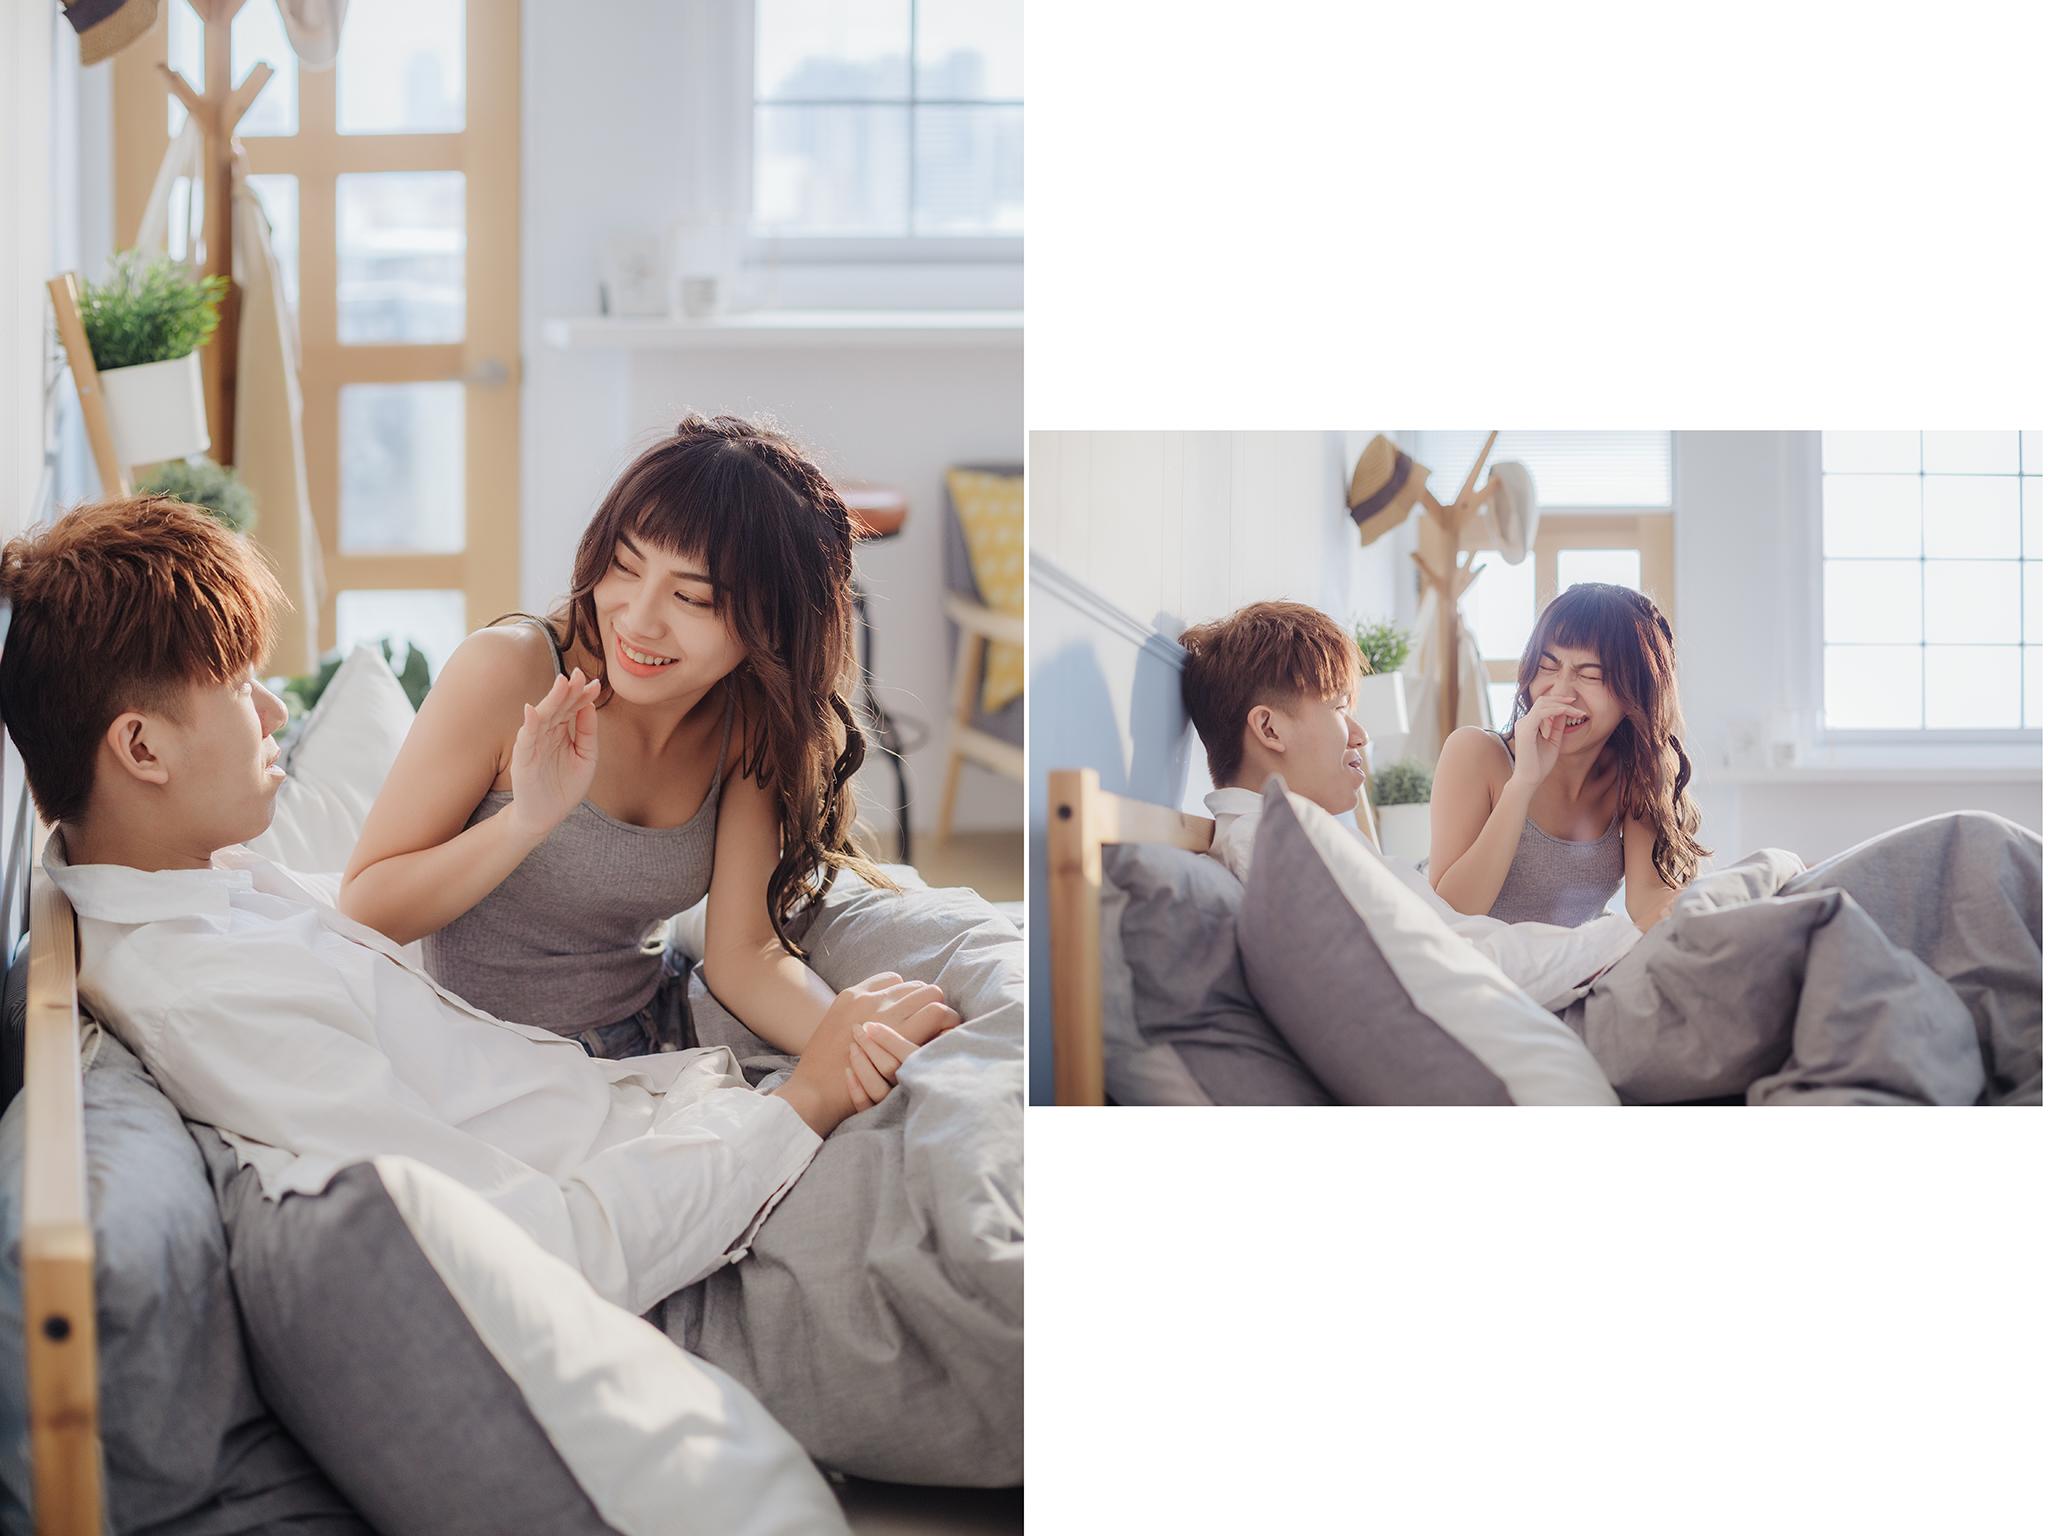 32975718528 6e8ab4c812 o - 【情侶寫真】+Isaac & Syuan+